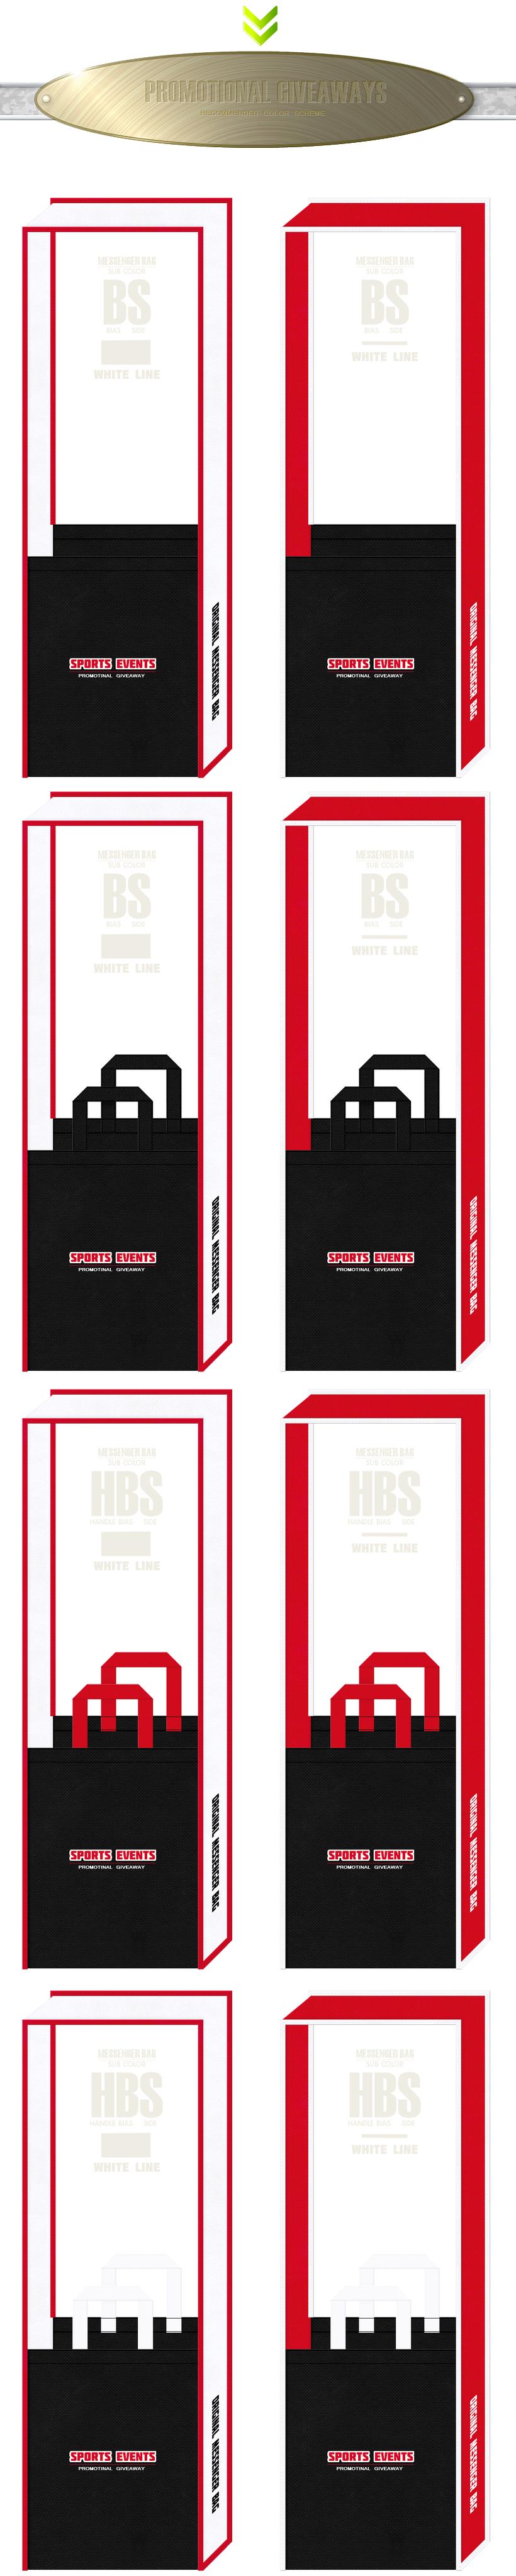 黒色・紅色・白色の3色仕様の不織布メッセンジャーバッグのカラーシミュレーション:スポーツイベントのノベルティ